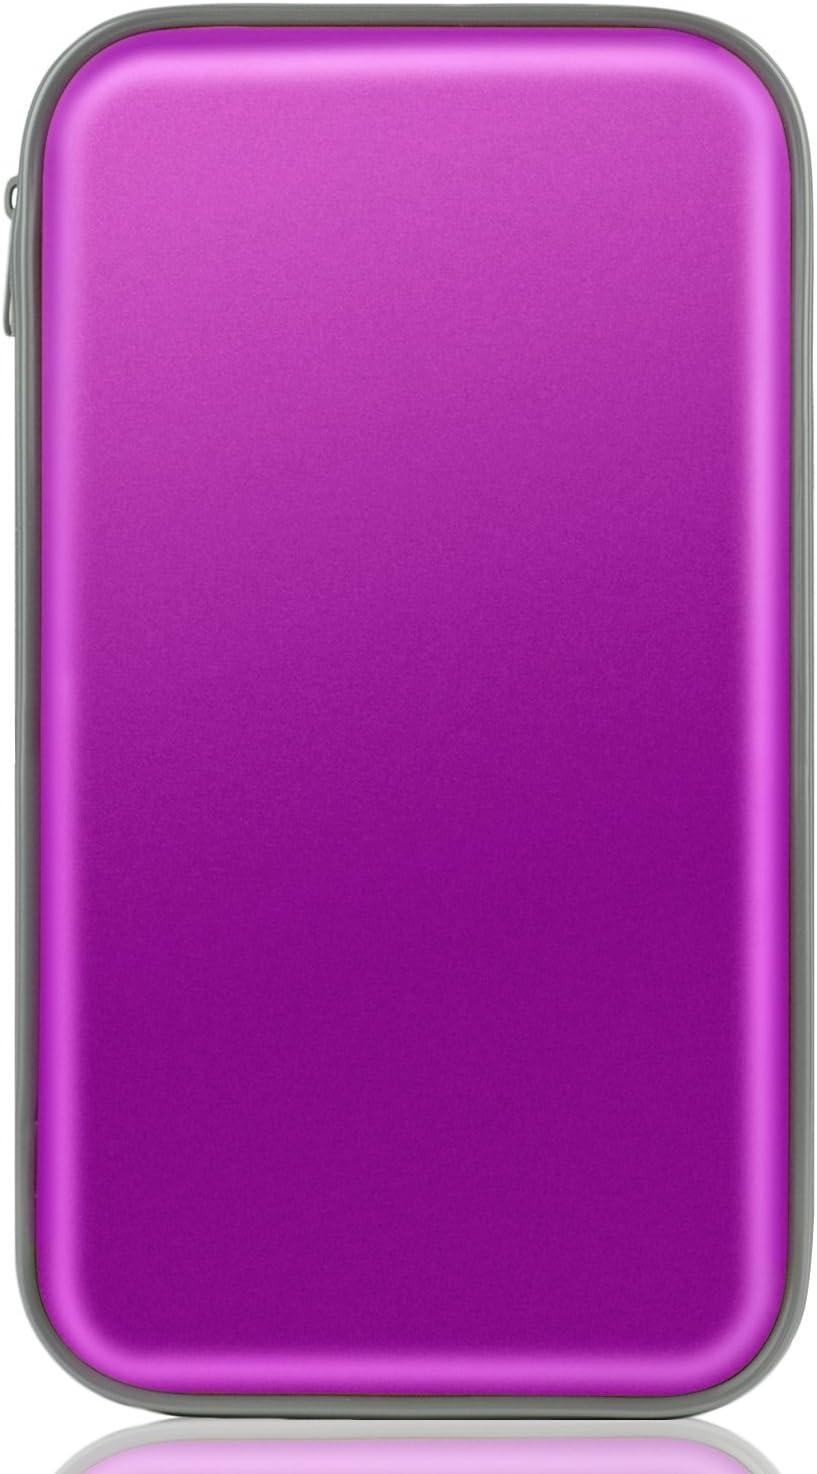 Coofit Cd Tasche Cd Case Cd Dvd Vcd Wallet Aufbewahrungs Für 80 Cds Dvds Tasche Mappe Blau Violett Auto